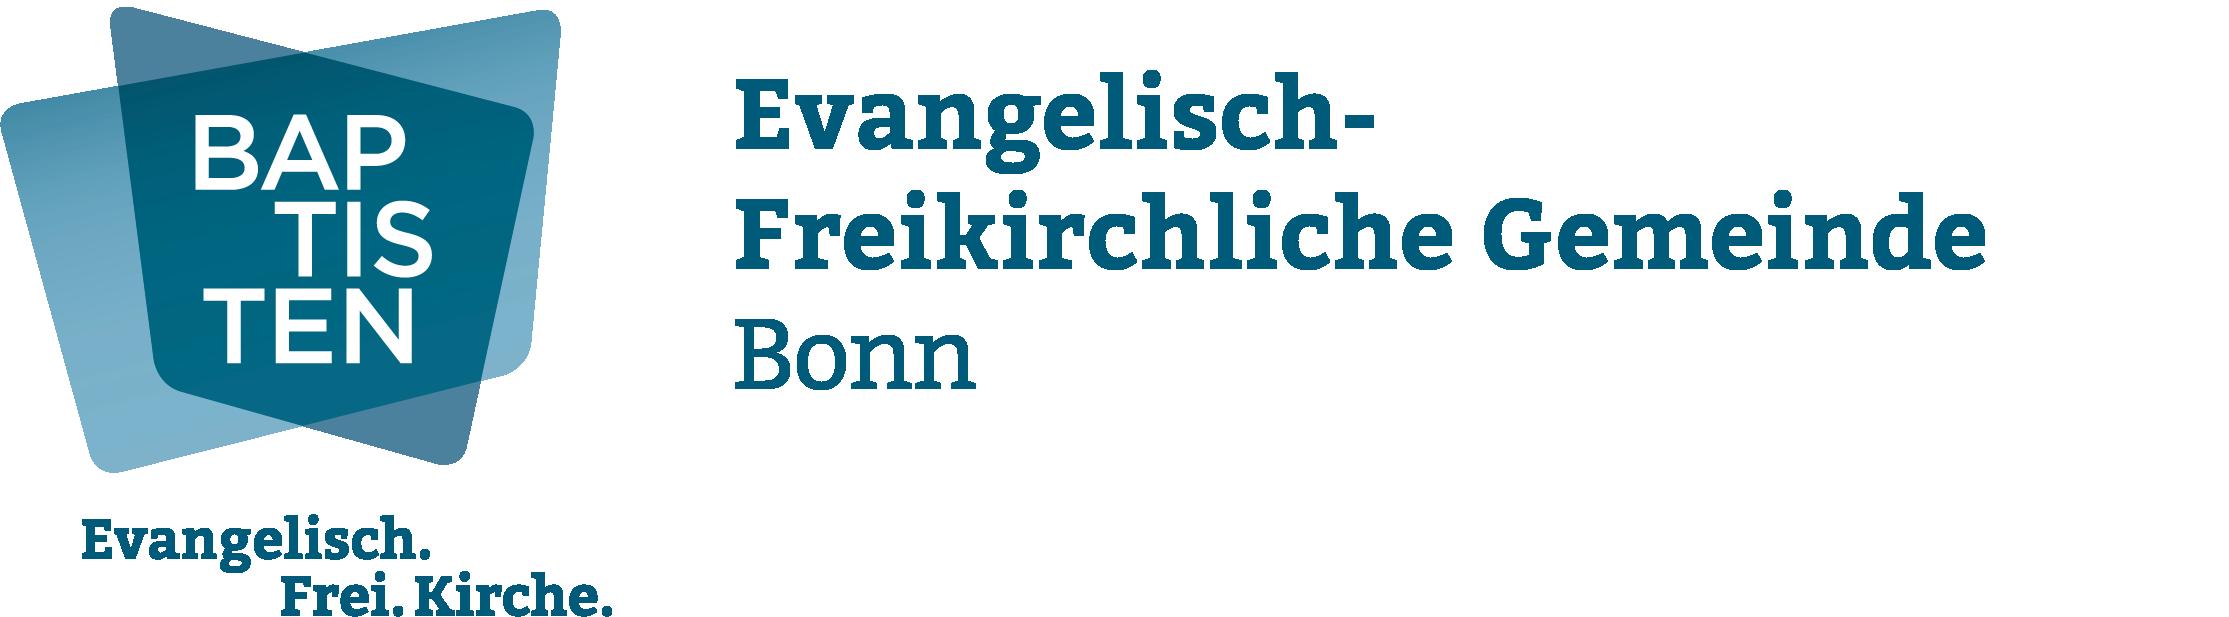 Evangelisch-Freikirchliche Gemeinde Bonn Logo